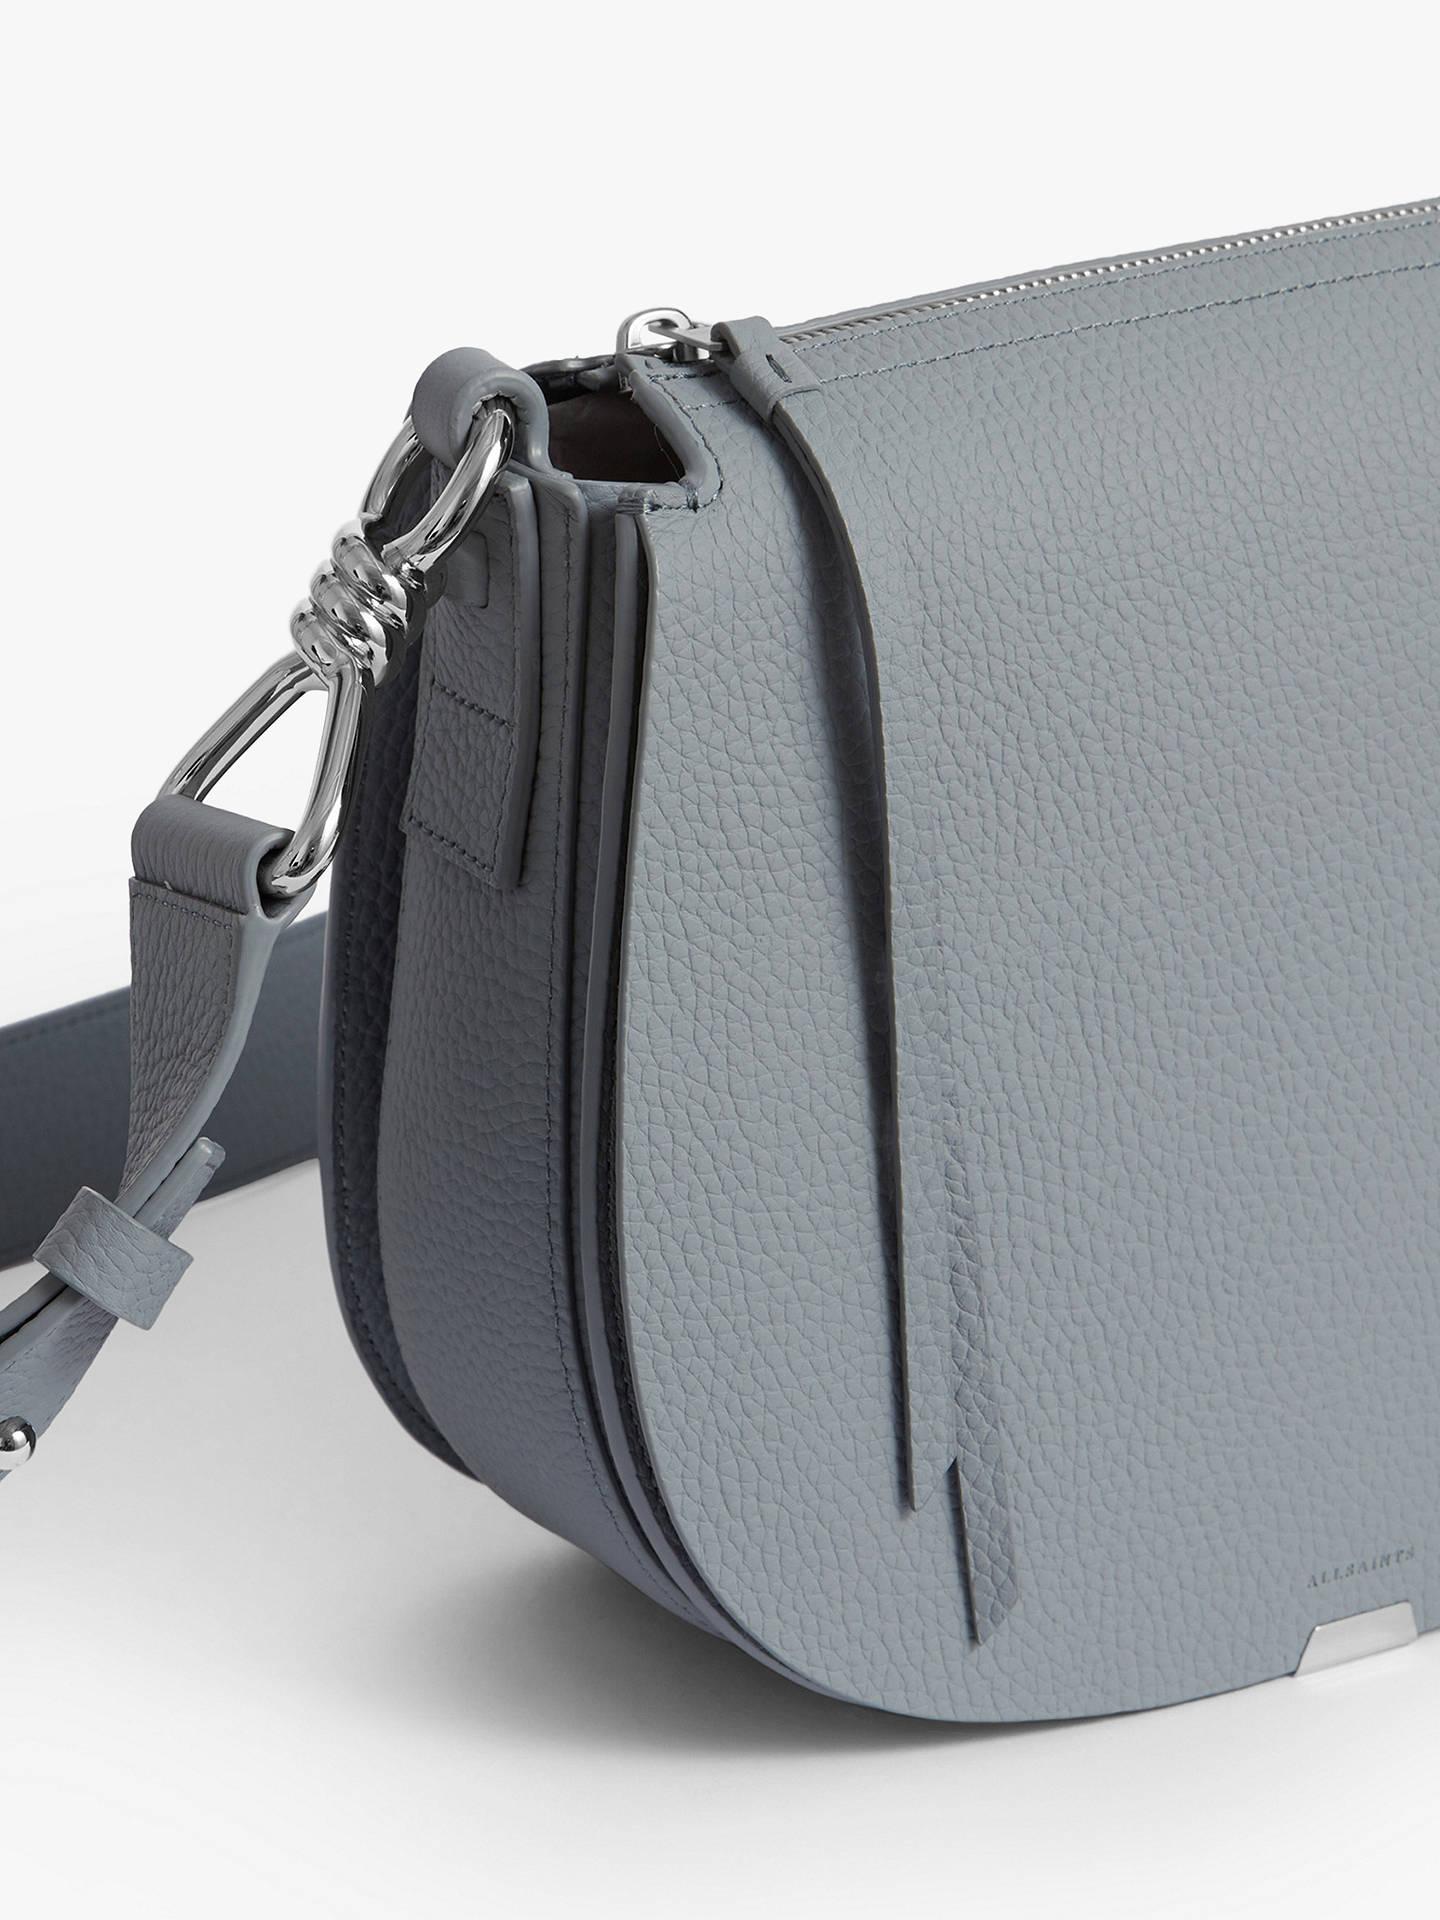 8dfc5e30f Buy AllSaints Captain Lea Round Leather Cross Body Bag, Denim Blue Online  at johnlewis.